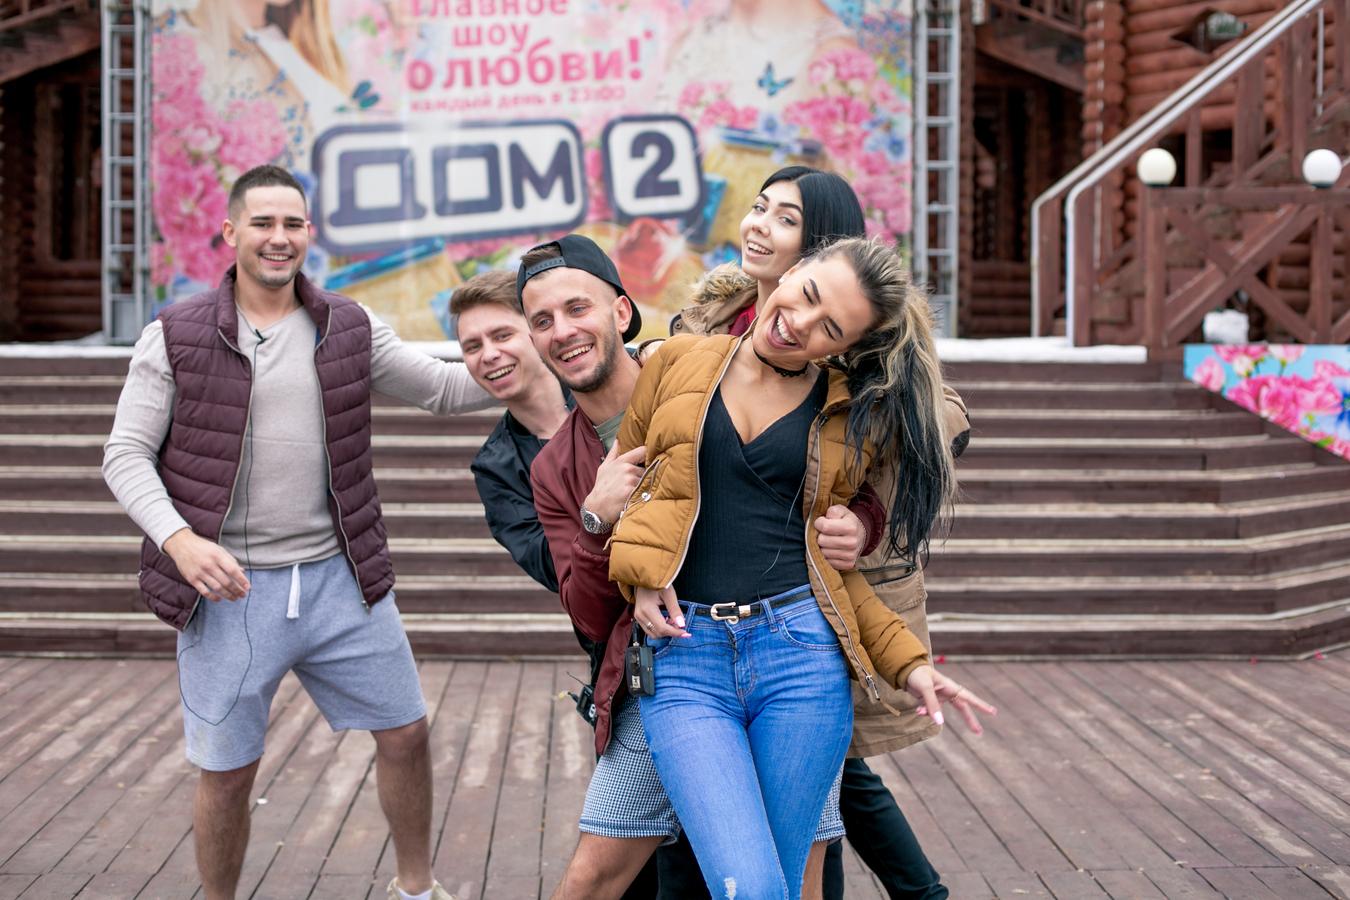 Актуальные слухи и новости ДОМ-2: будет ли закрытие шоу?